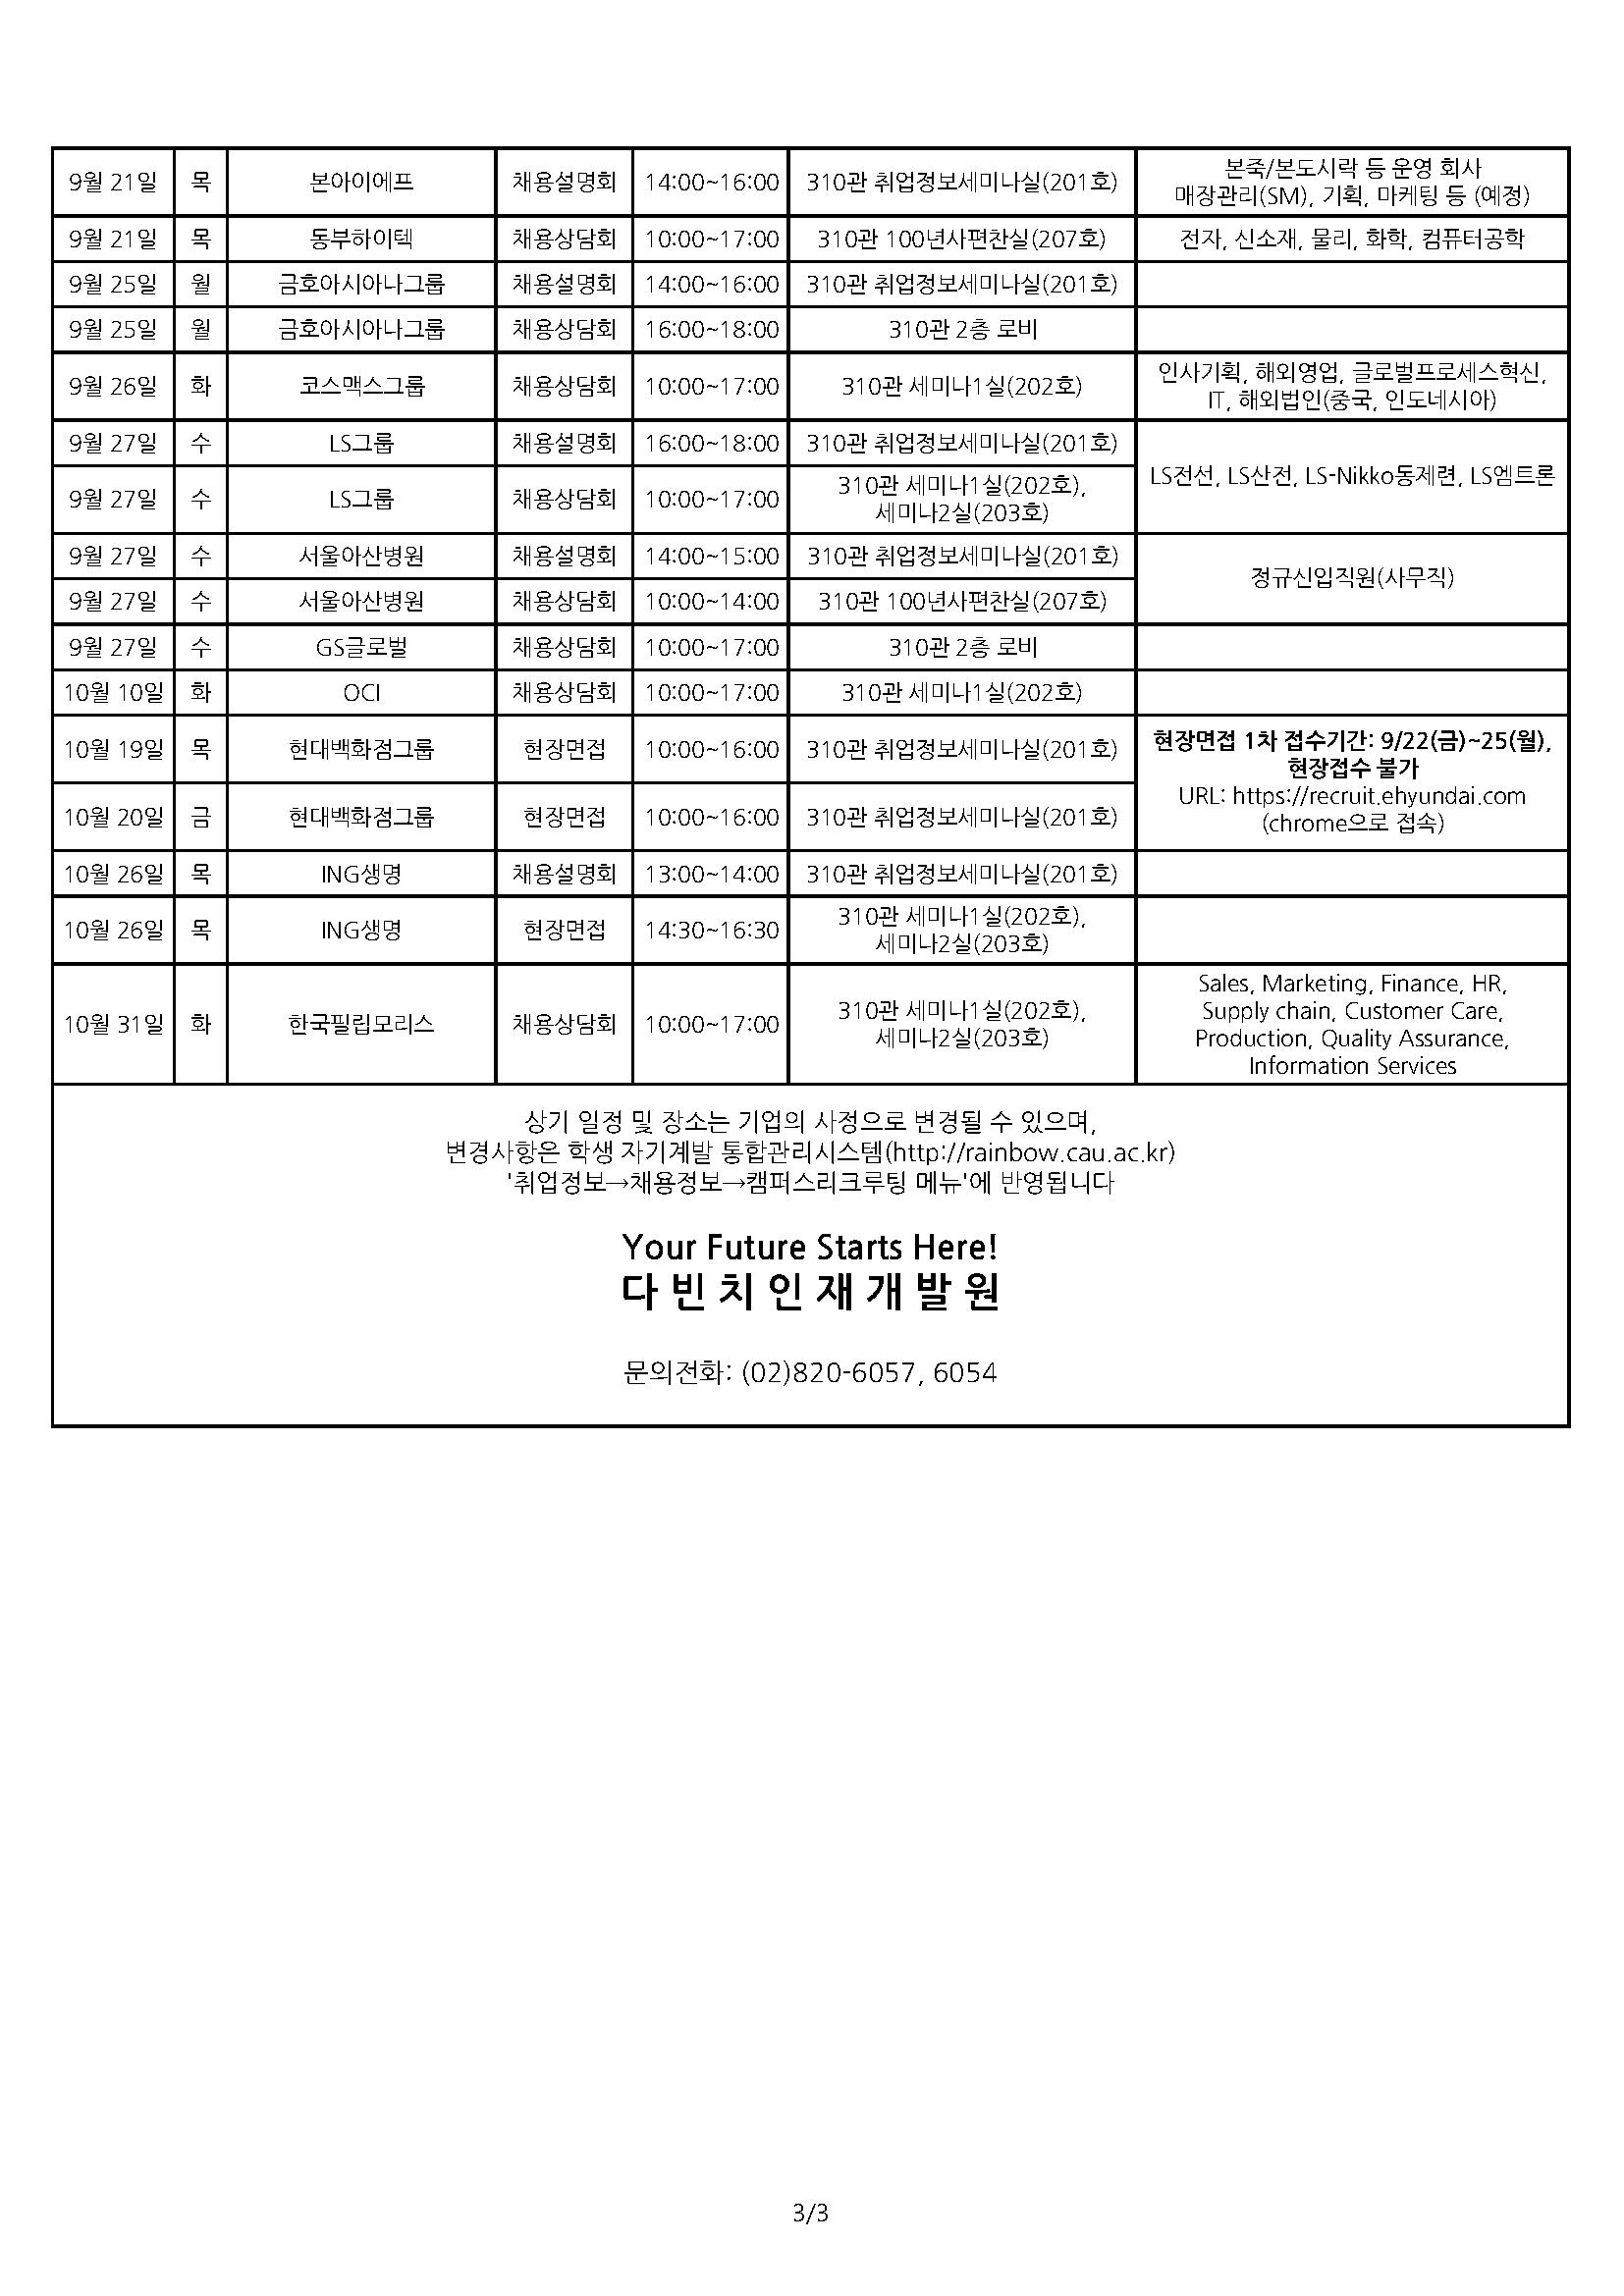 2017년 하반기 캠퍼스리크루팅 일정표(Ver.20170907)_인쇄용_페이지_3.png